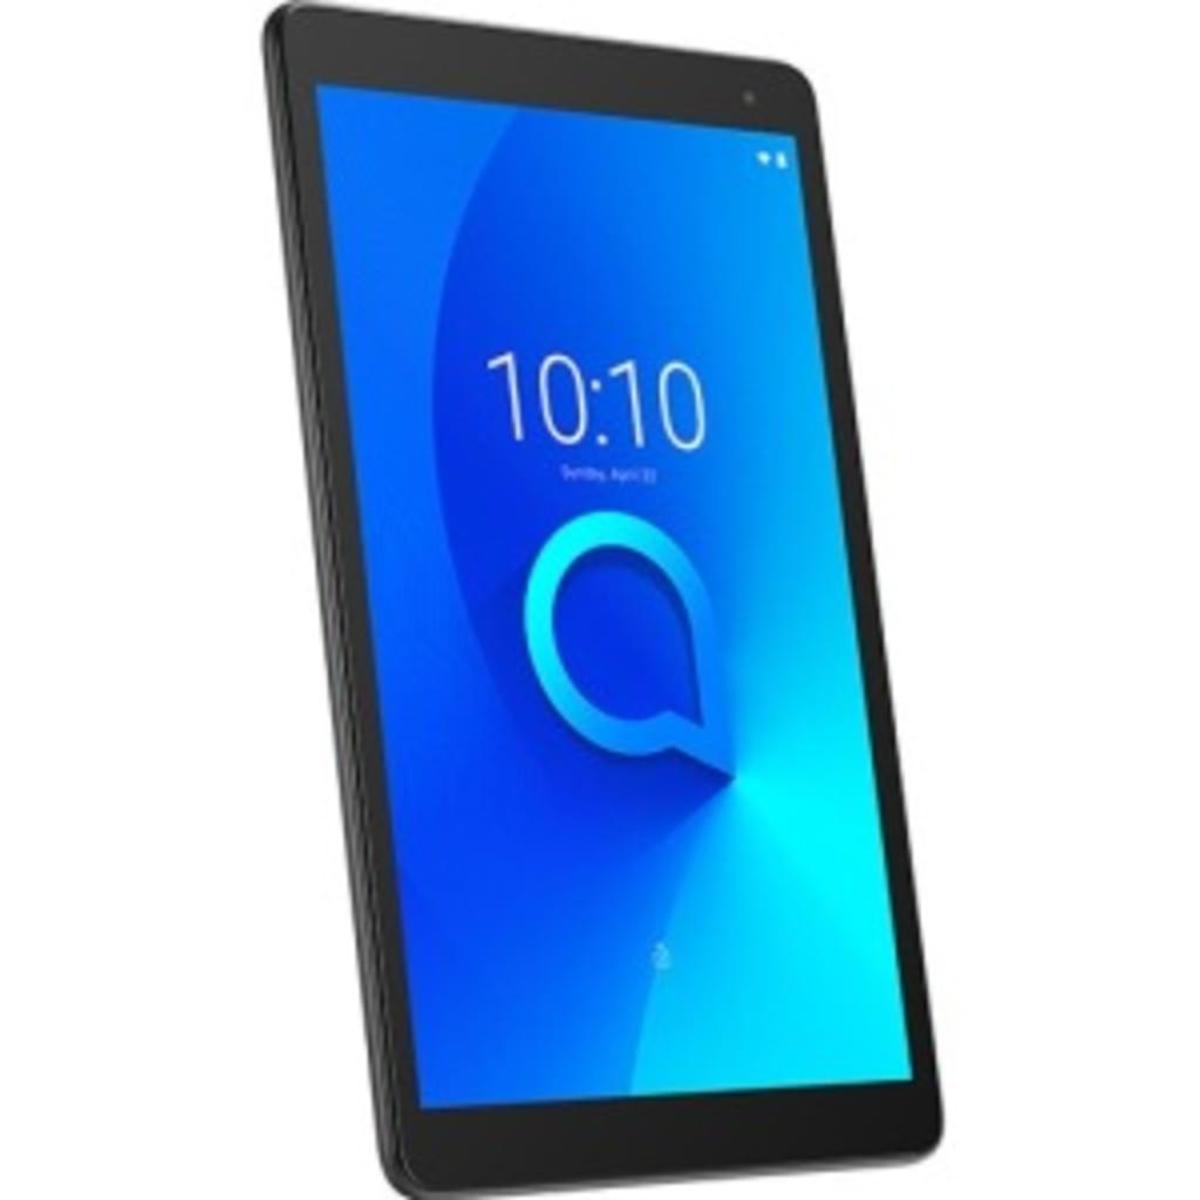 Bild 4 von Alcatel 1T 10 Tablet 10,1